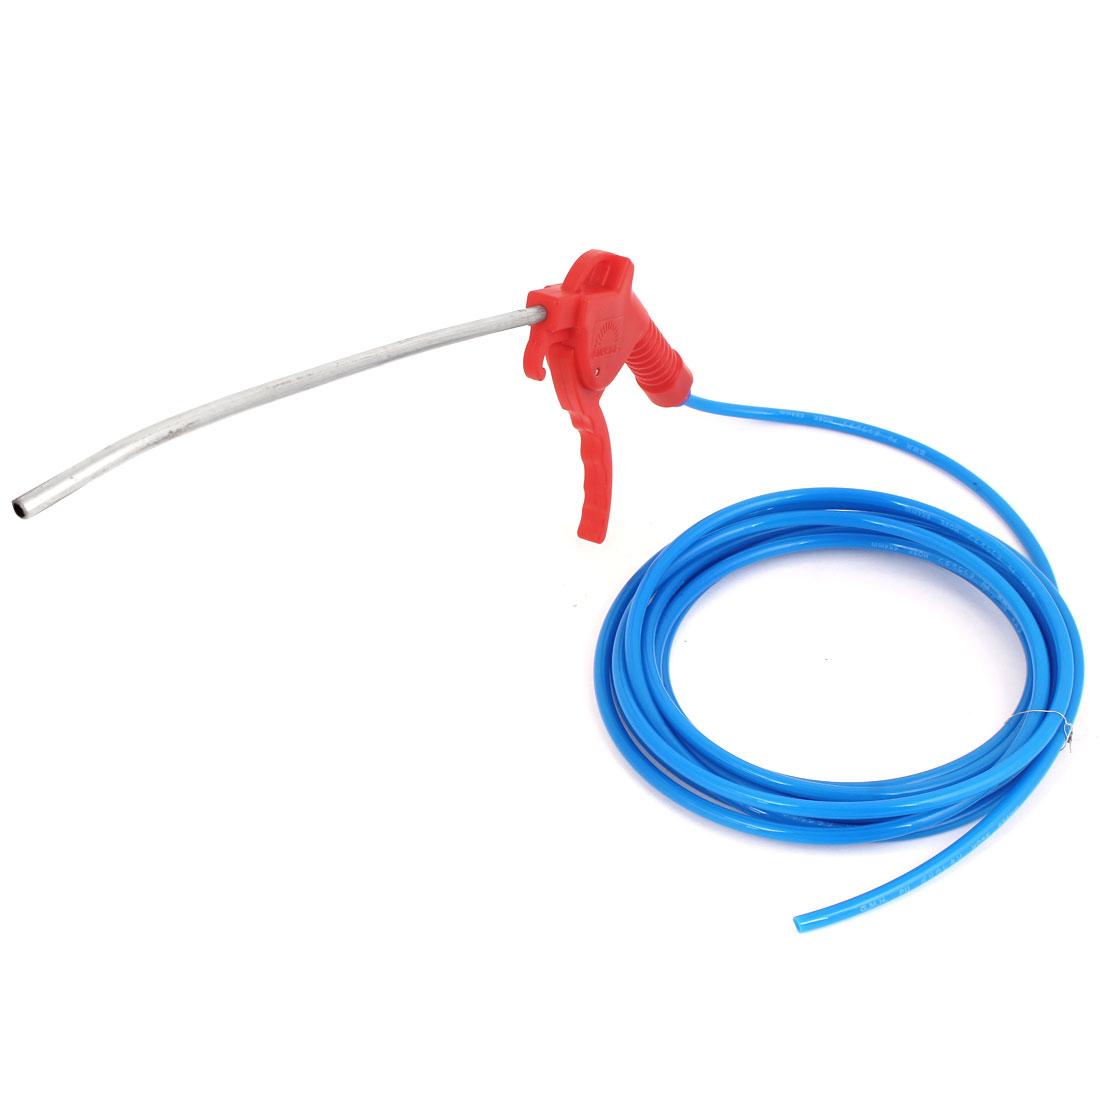 Red Plastic Trigger High Pressure Air Blowing Gun + Blue 4mm Inner Dia Hose Tube 2.2Meters